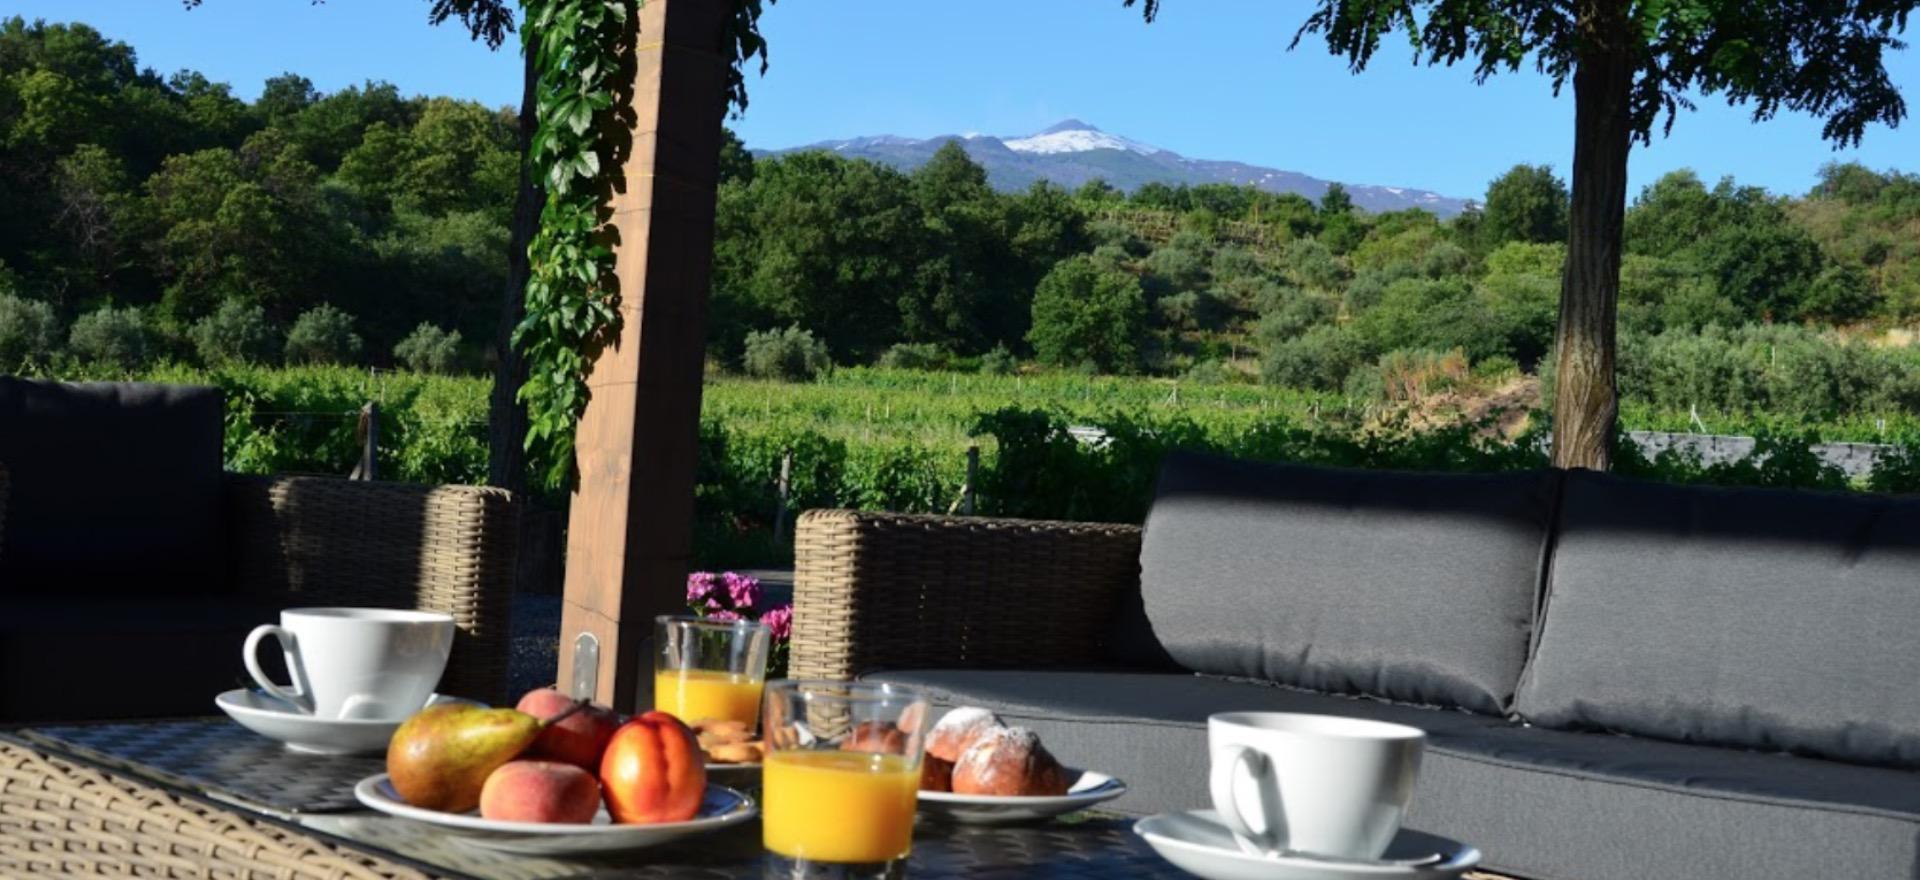 Agriturismo Sicilie Agriturismo bij de Etna voor wijnliefhebbers